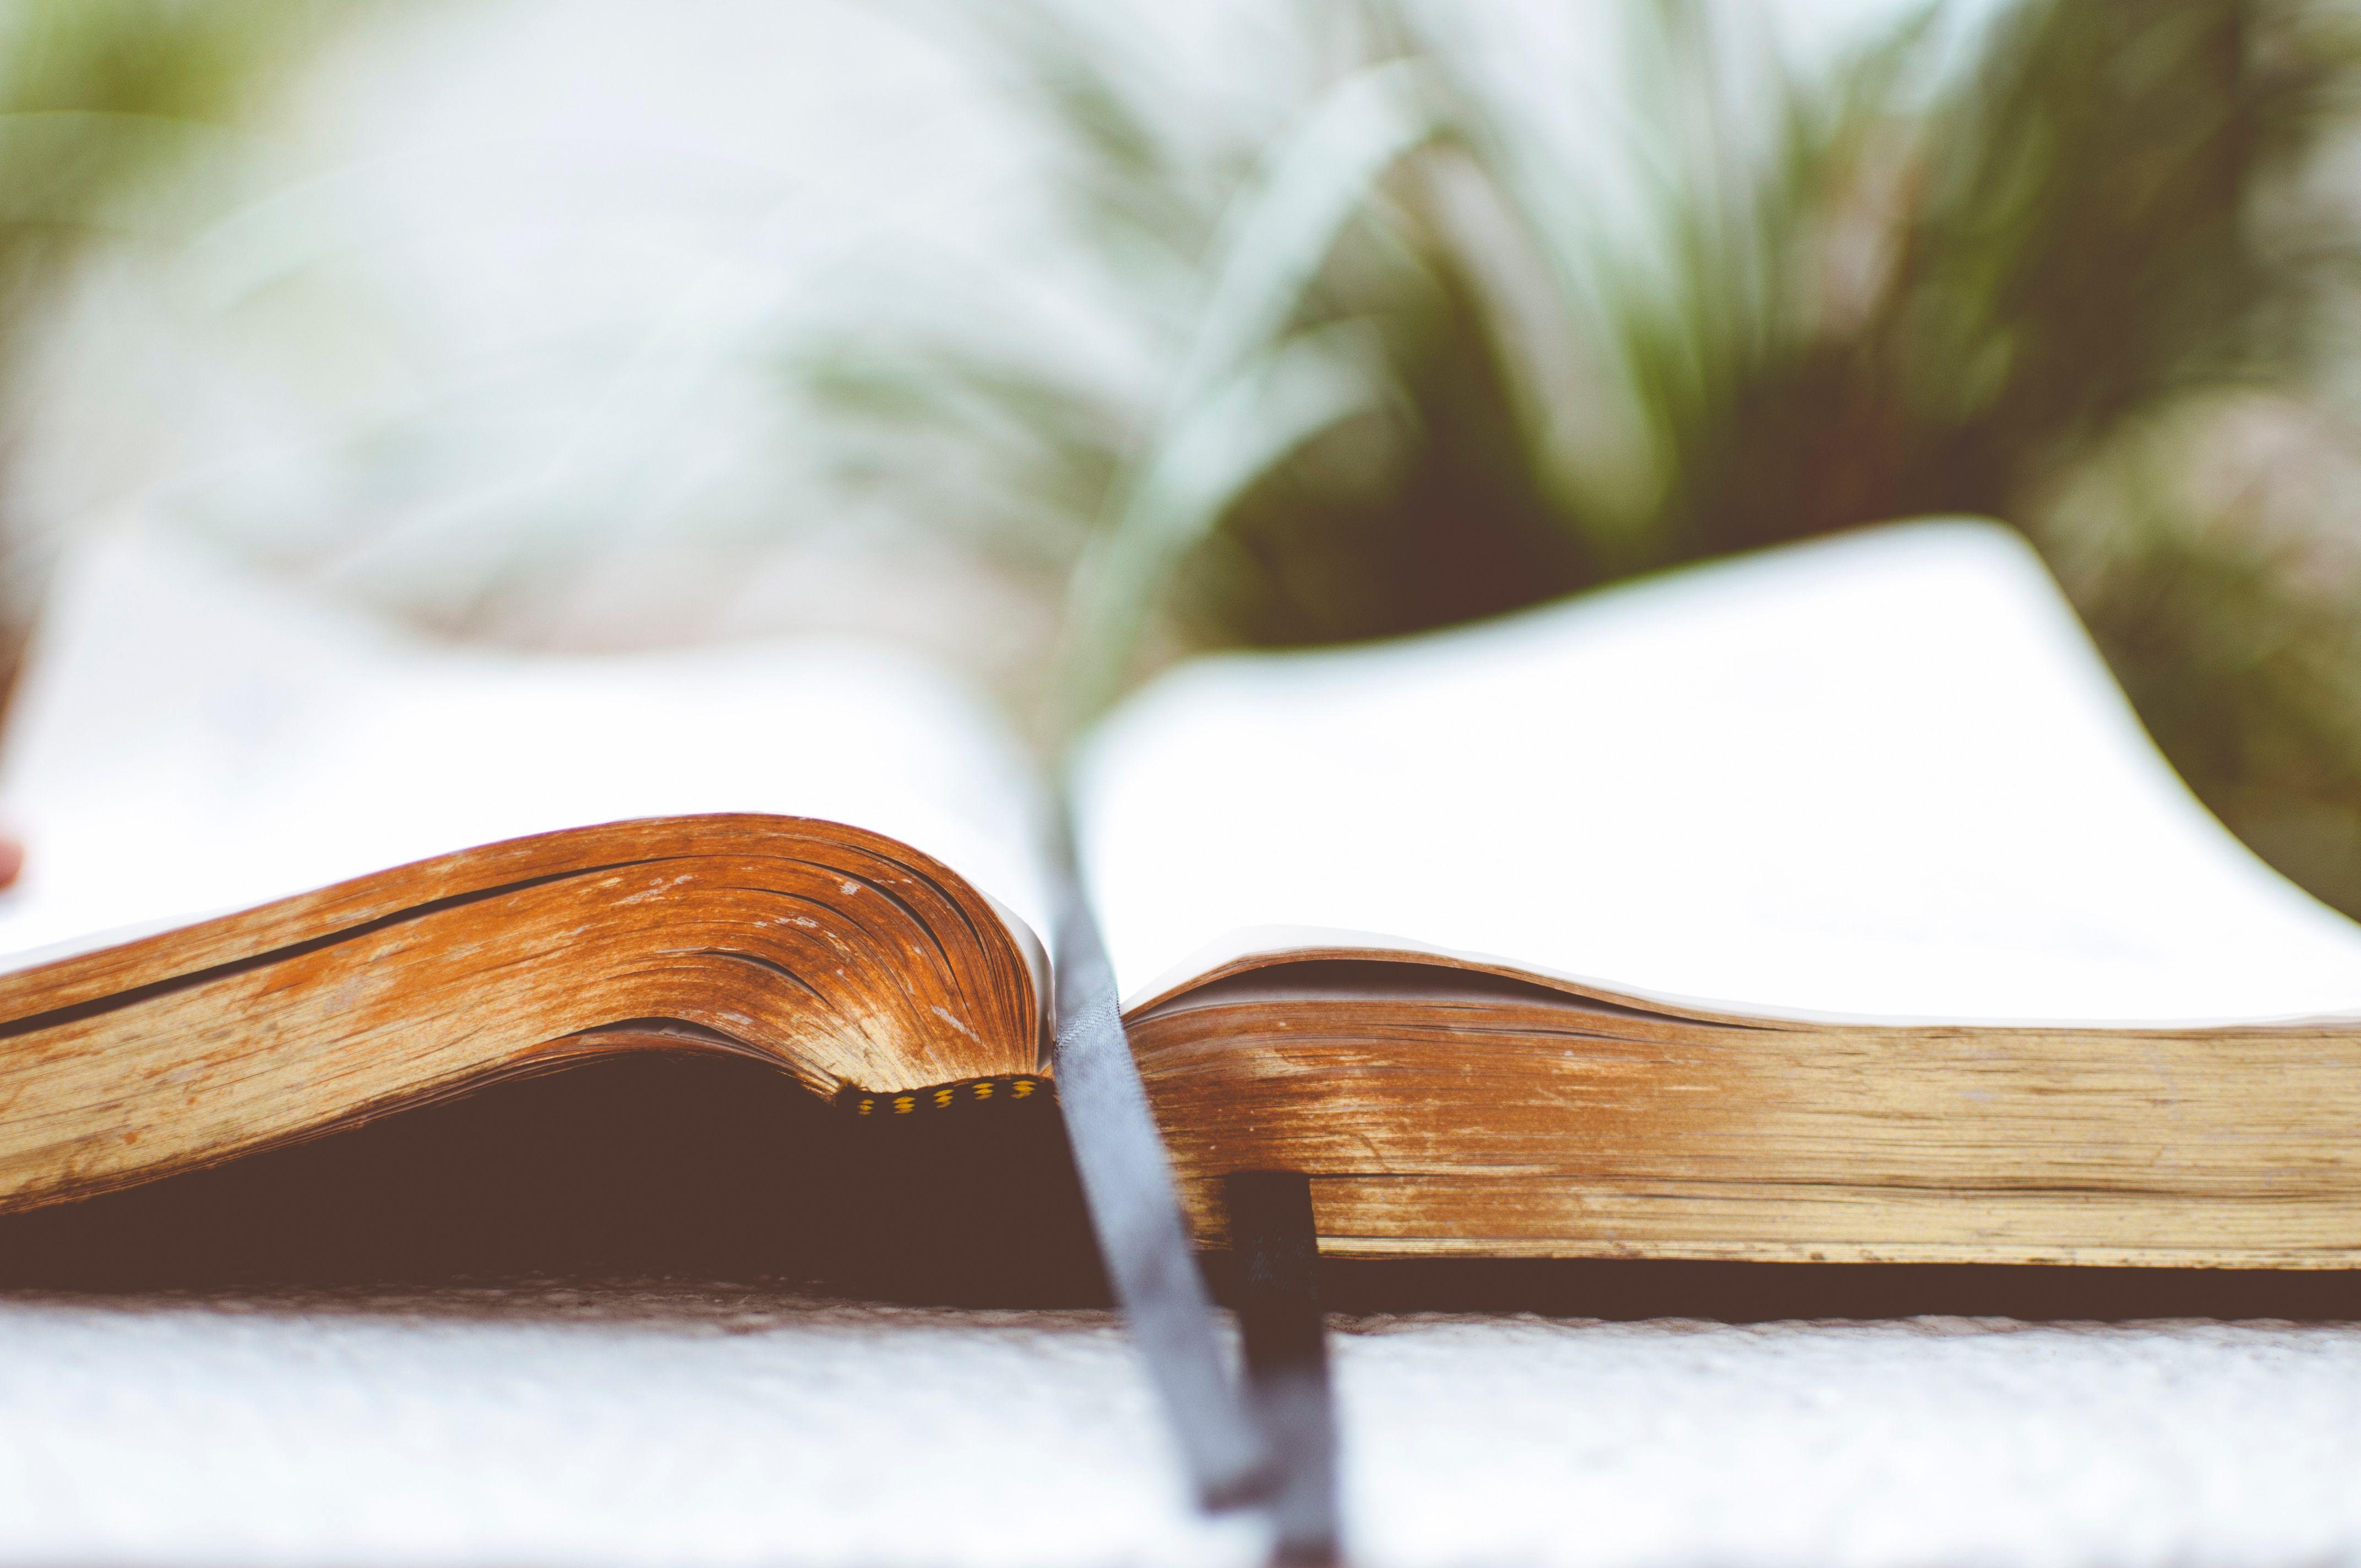 Depuis quelques temps je collectionne les livres sur le bonheur et le développement personnel. Même si je pense qu'il ne suffit pas de lire pour être heureux, j'ai trouvé dans nombreux d'entre eux de beaux messages et belles reflexions à intégrer dans mon quotidien. Sur la plage ou au coin du feu, si vous ne savez pas quoi lire ou pour vous débuter une introspection et avancer dans notre cheminement, je vous donne ici mes favoris. Vous pouvez également consulter ma bibliothèque !  1. Les…